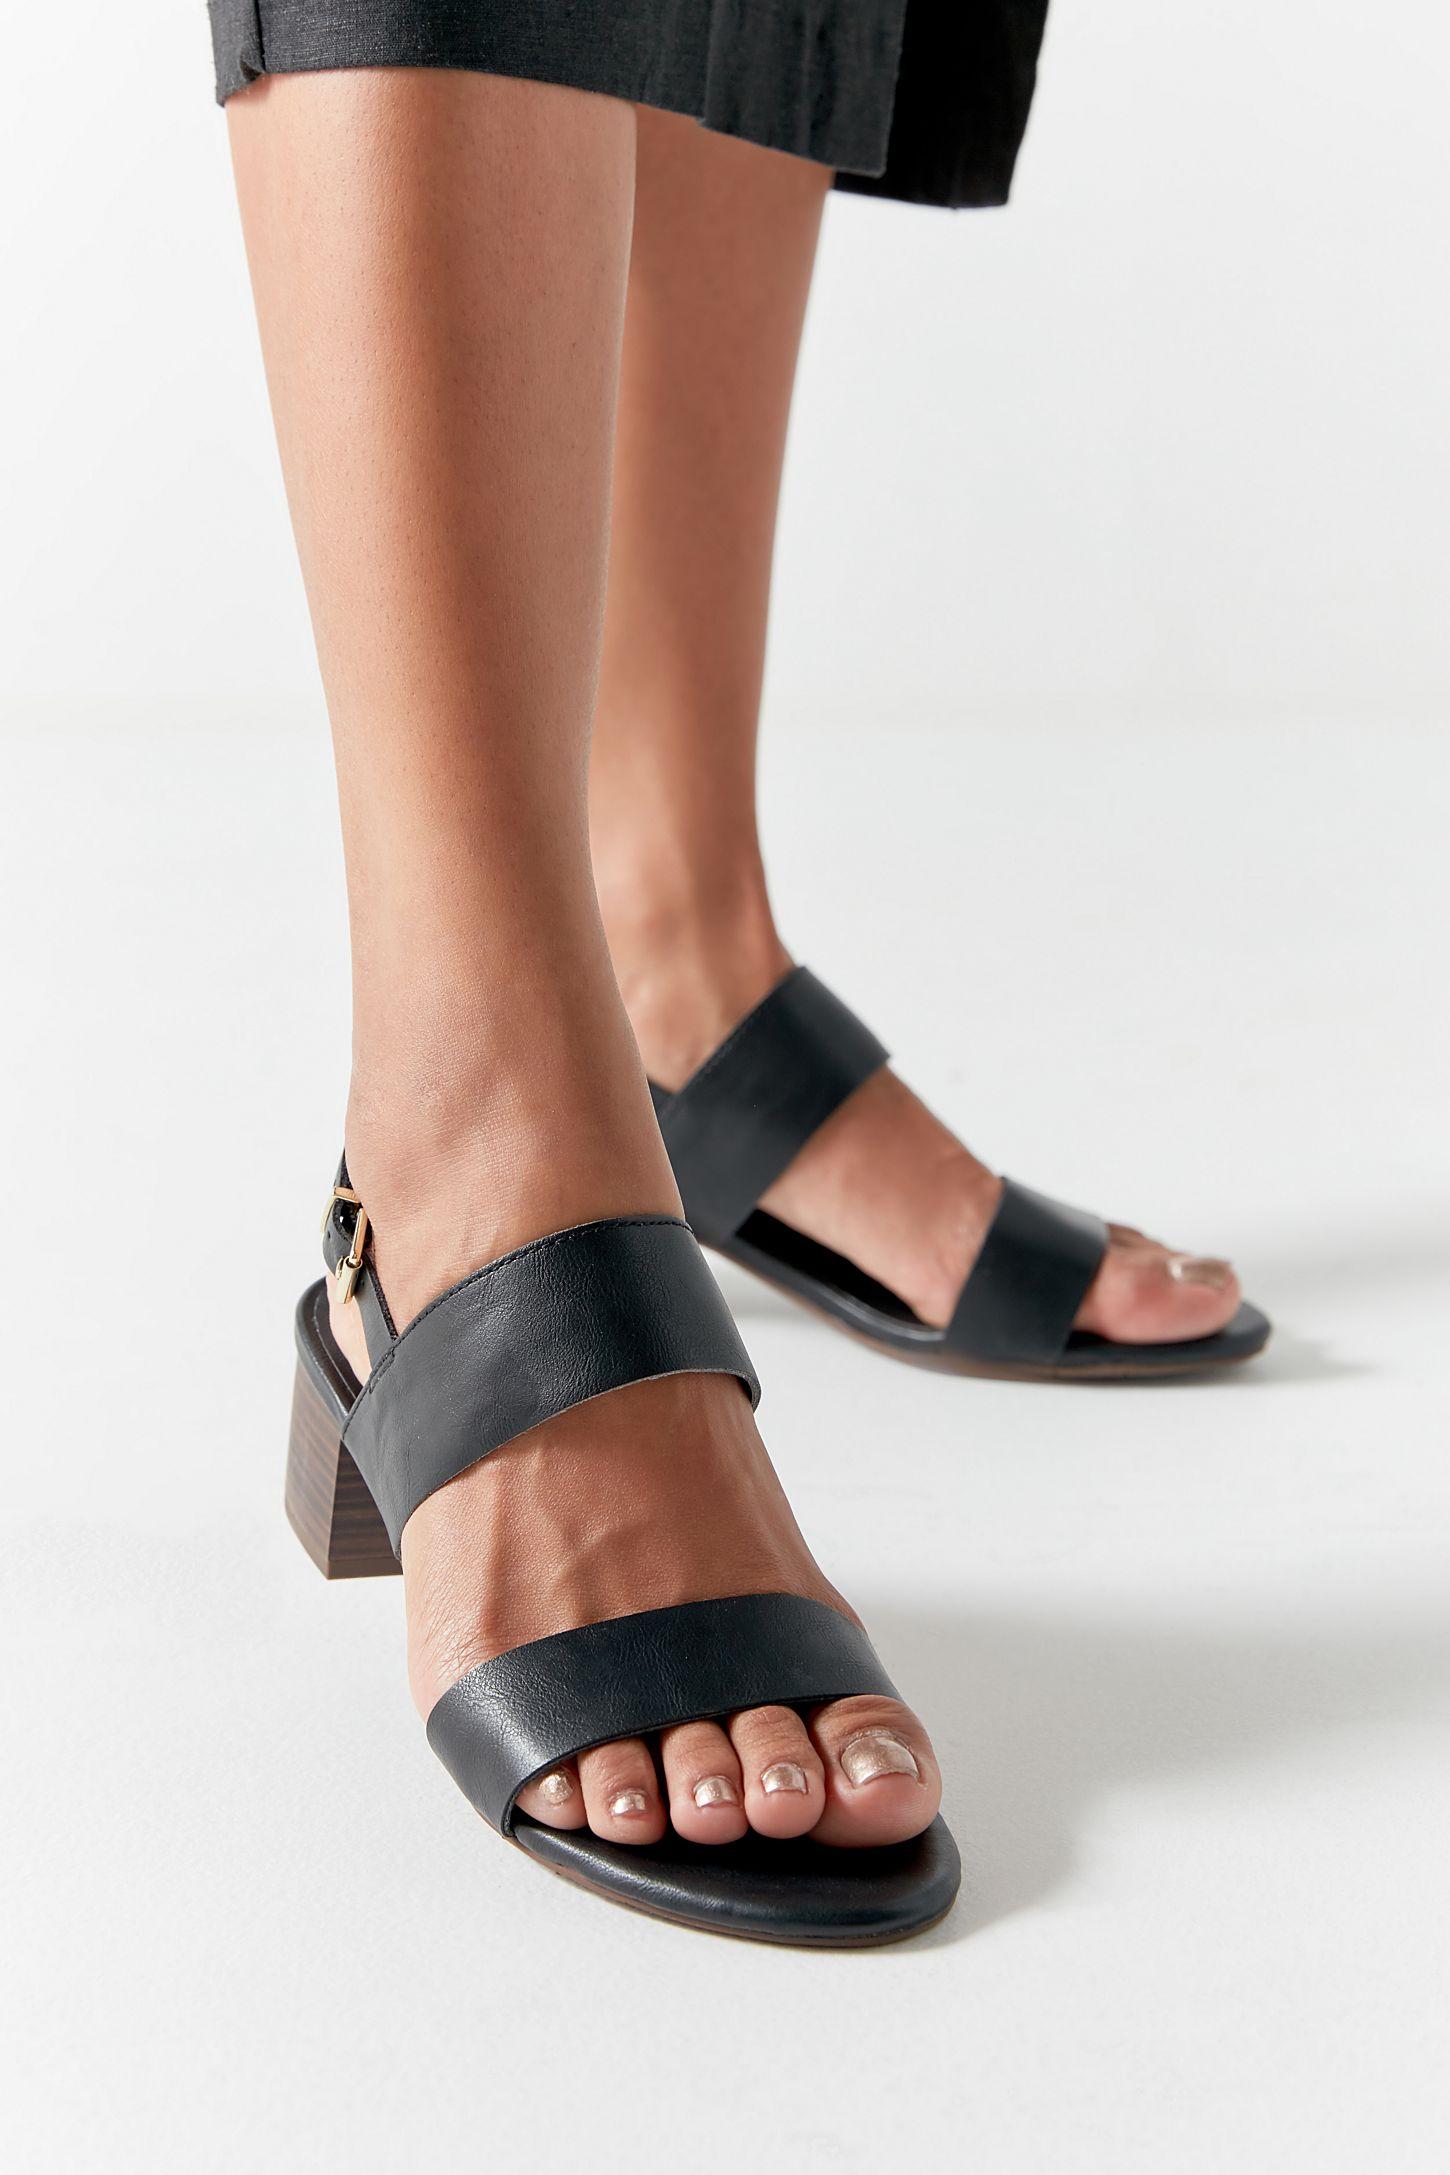 b8fc63020f17 BC Footwear Gardenia Sandal | Urban Outfitters Canada